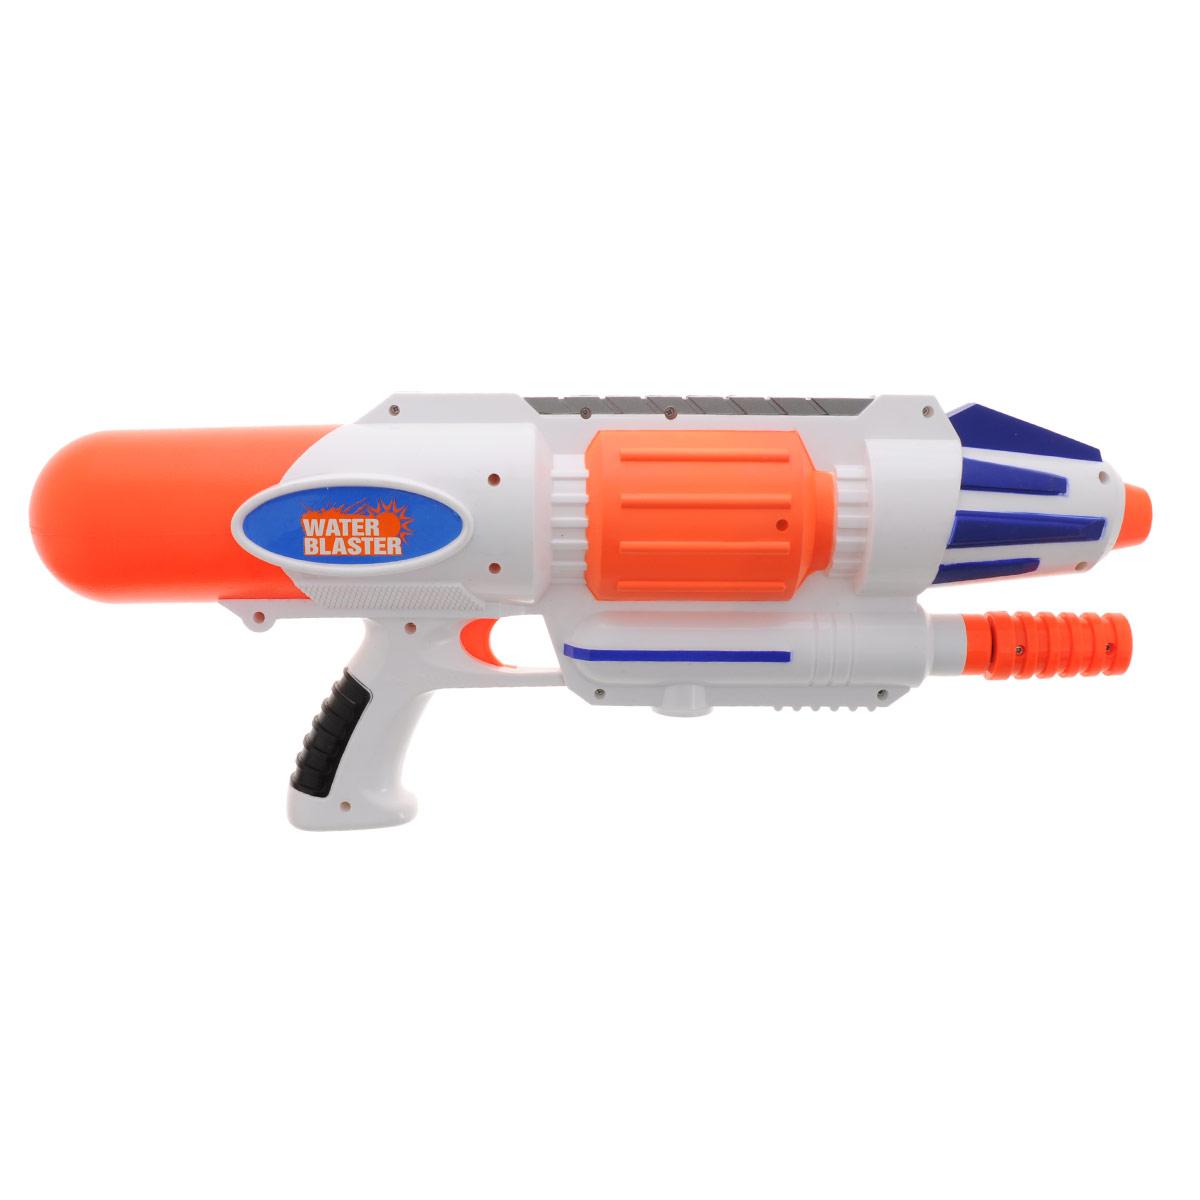 Водный бластер Bebelot Турбо: Атака. BEB1106-044 игрушка для активного отдыха bebelot захват beb1106 045